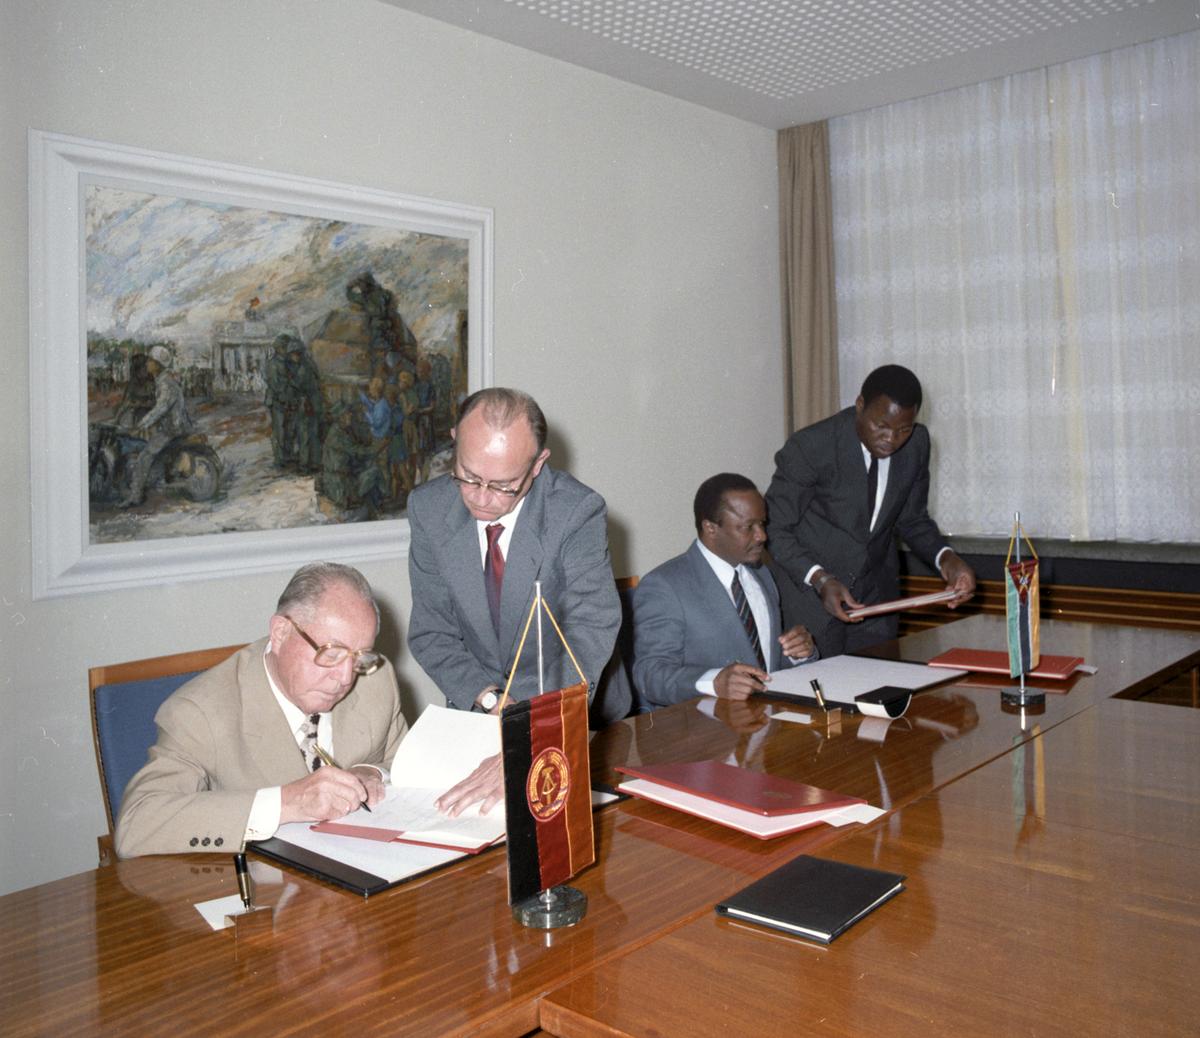 [Das farbige Lichtbild zeigt eine feierliche Unterzeichnung. Hinter einem langen Tisch sitzen Mariano de Araujo Matsinha, der mosambikanische Sicherheitsminister, und links von ihm Erich Mielke, der gerade dabei ist, ein Schriftstück zu unterschreiben. Rechts neben jedem steht jeweils ein Vertrauter, der die zu unterzeichnenden Unterlagen reicht. Vor den Ministern stehen Wimpel der Flaggen des vertretenen Landes.]